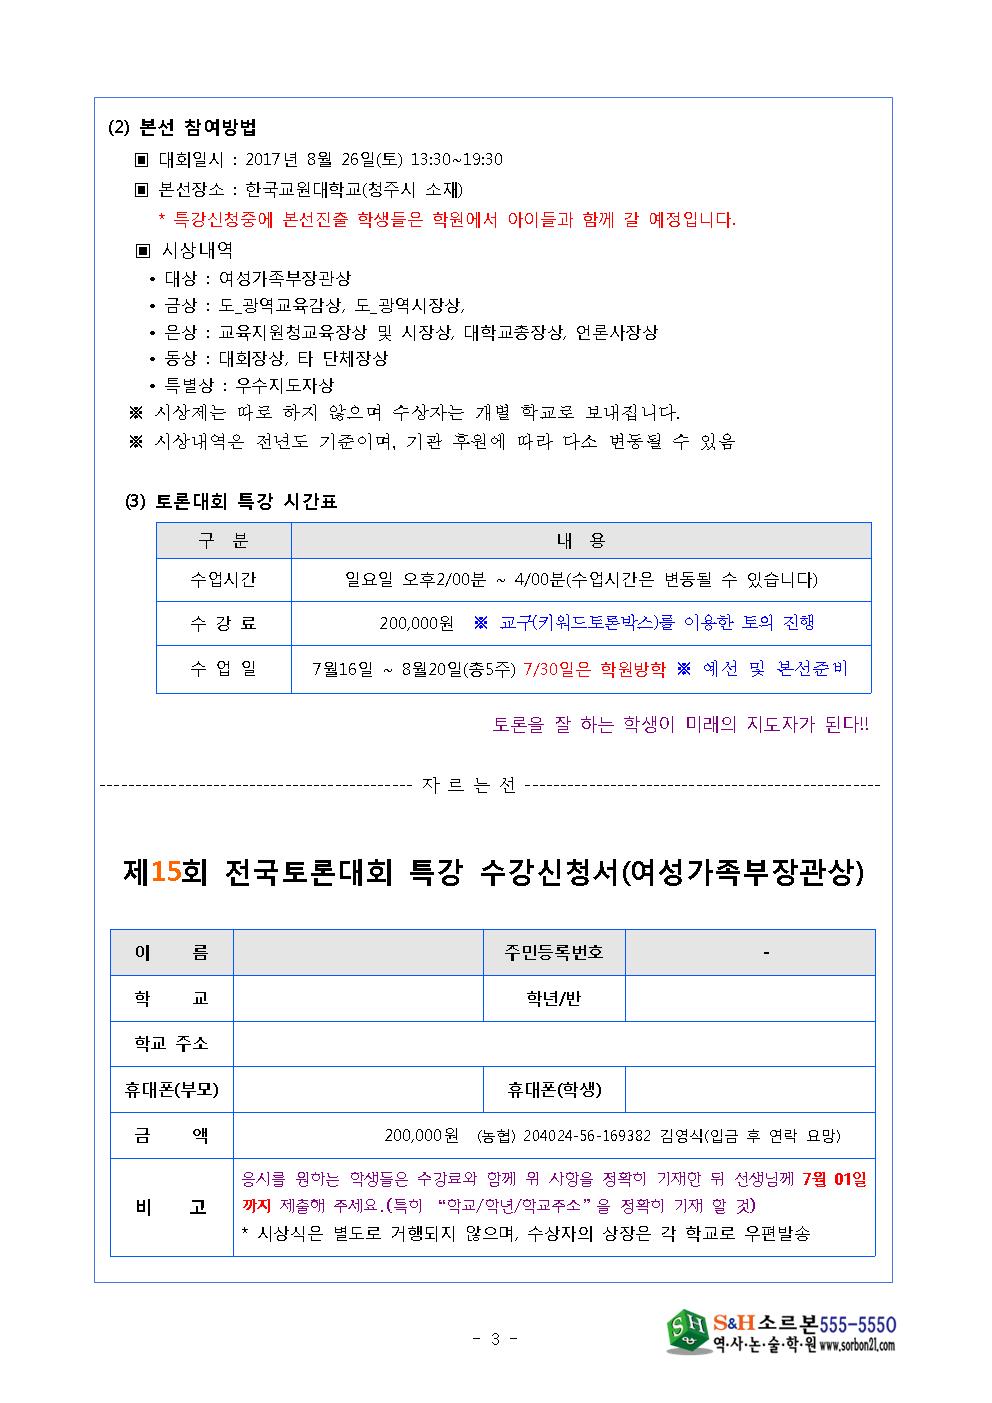 제15회전국청소년토론대회안내문(수정)003.png